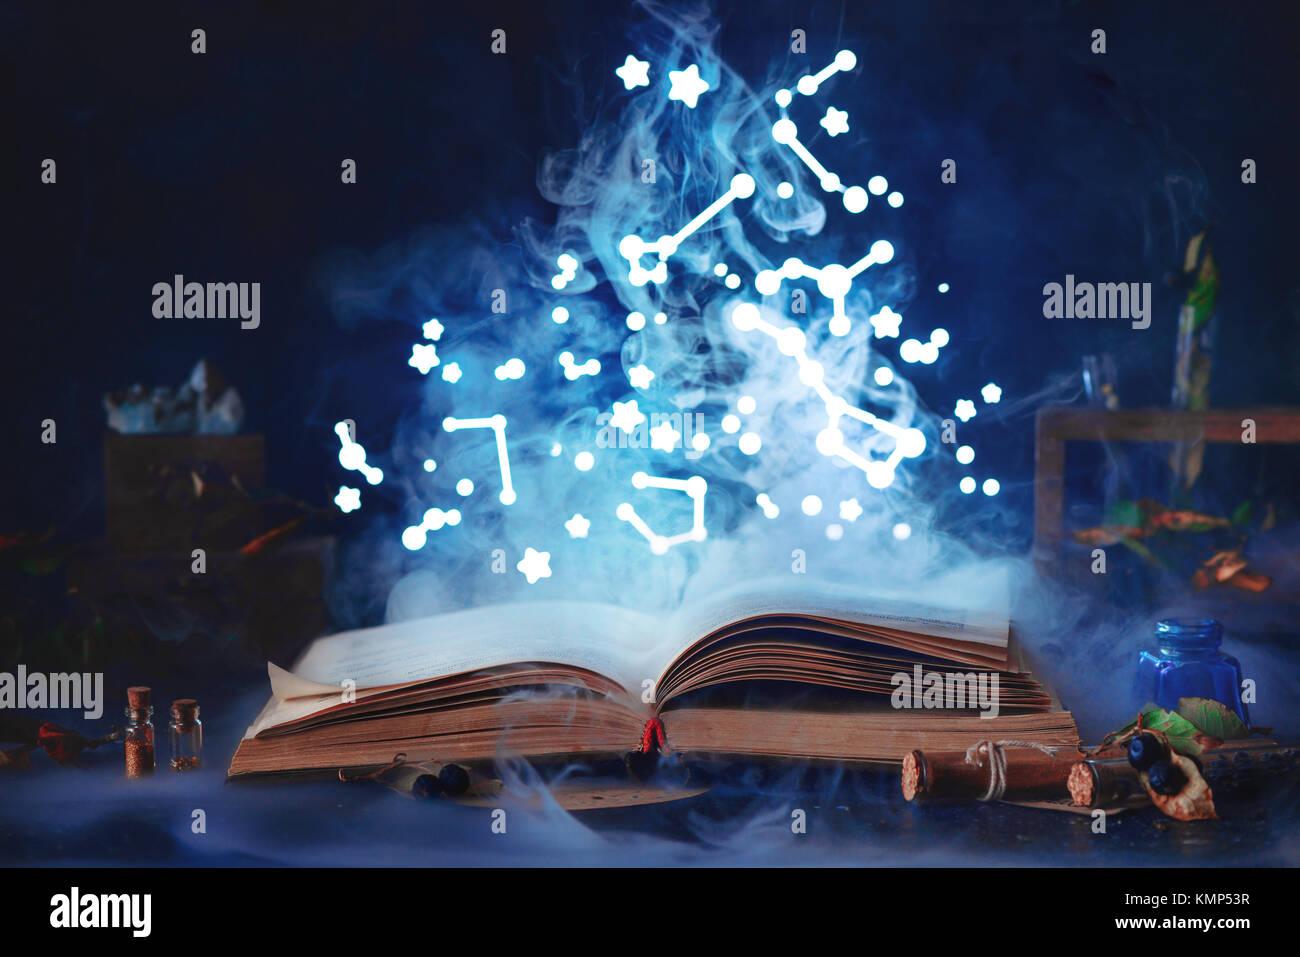 Livre de sorts avec fumée mystique et stary sky. La vie toujours magique avec verres et bouteilles sur un fond Photo Stock